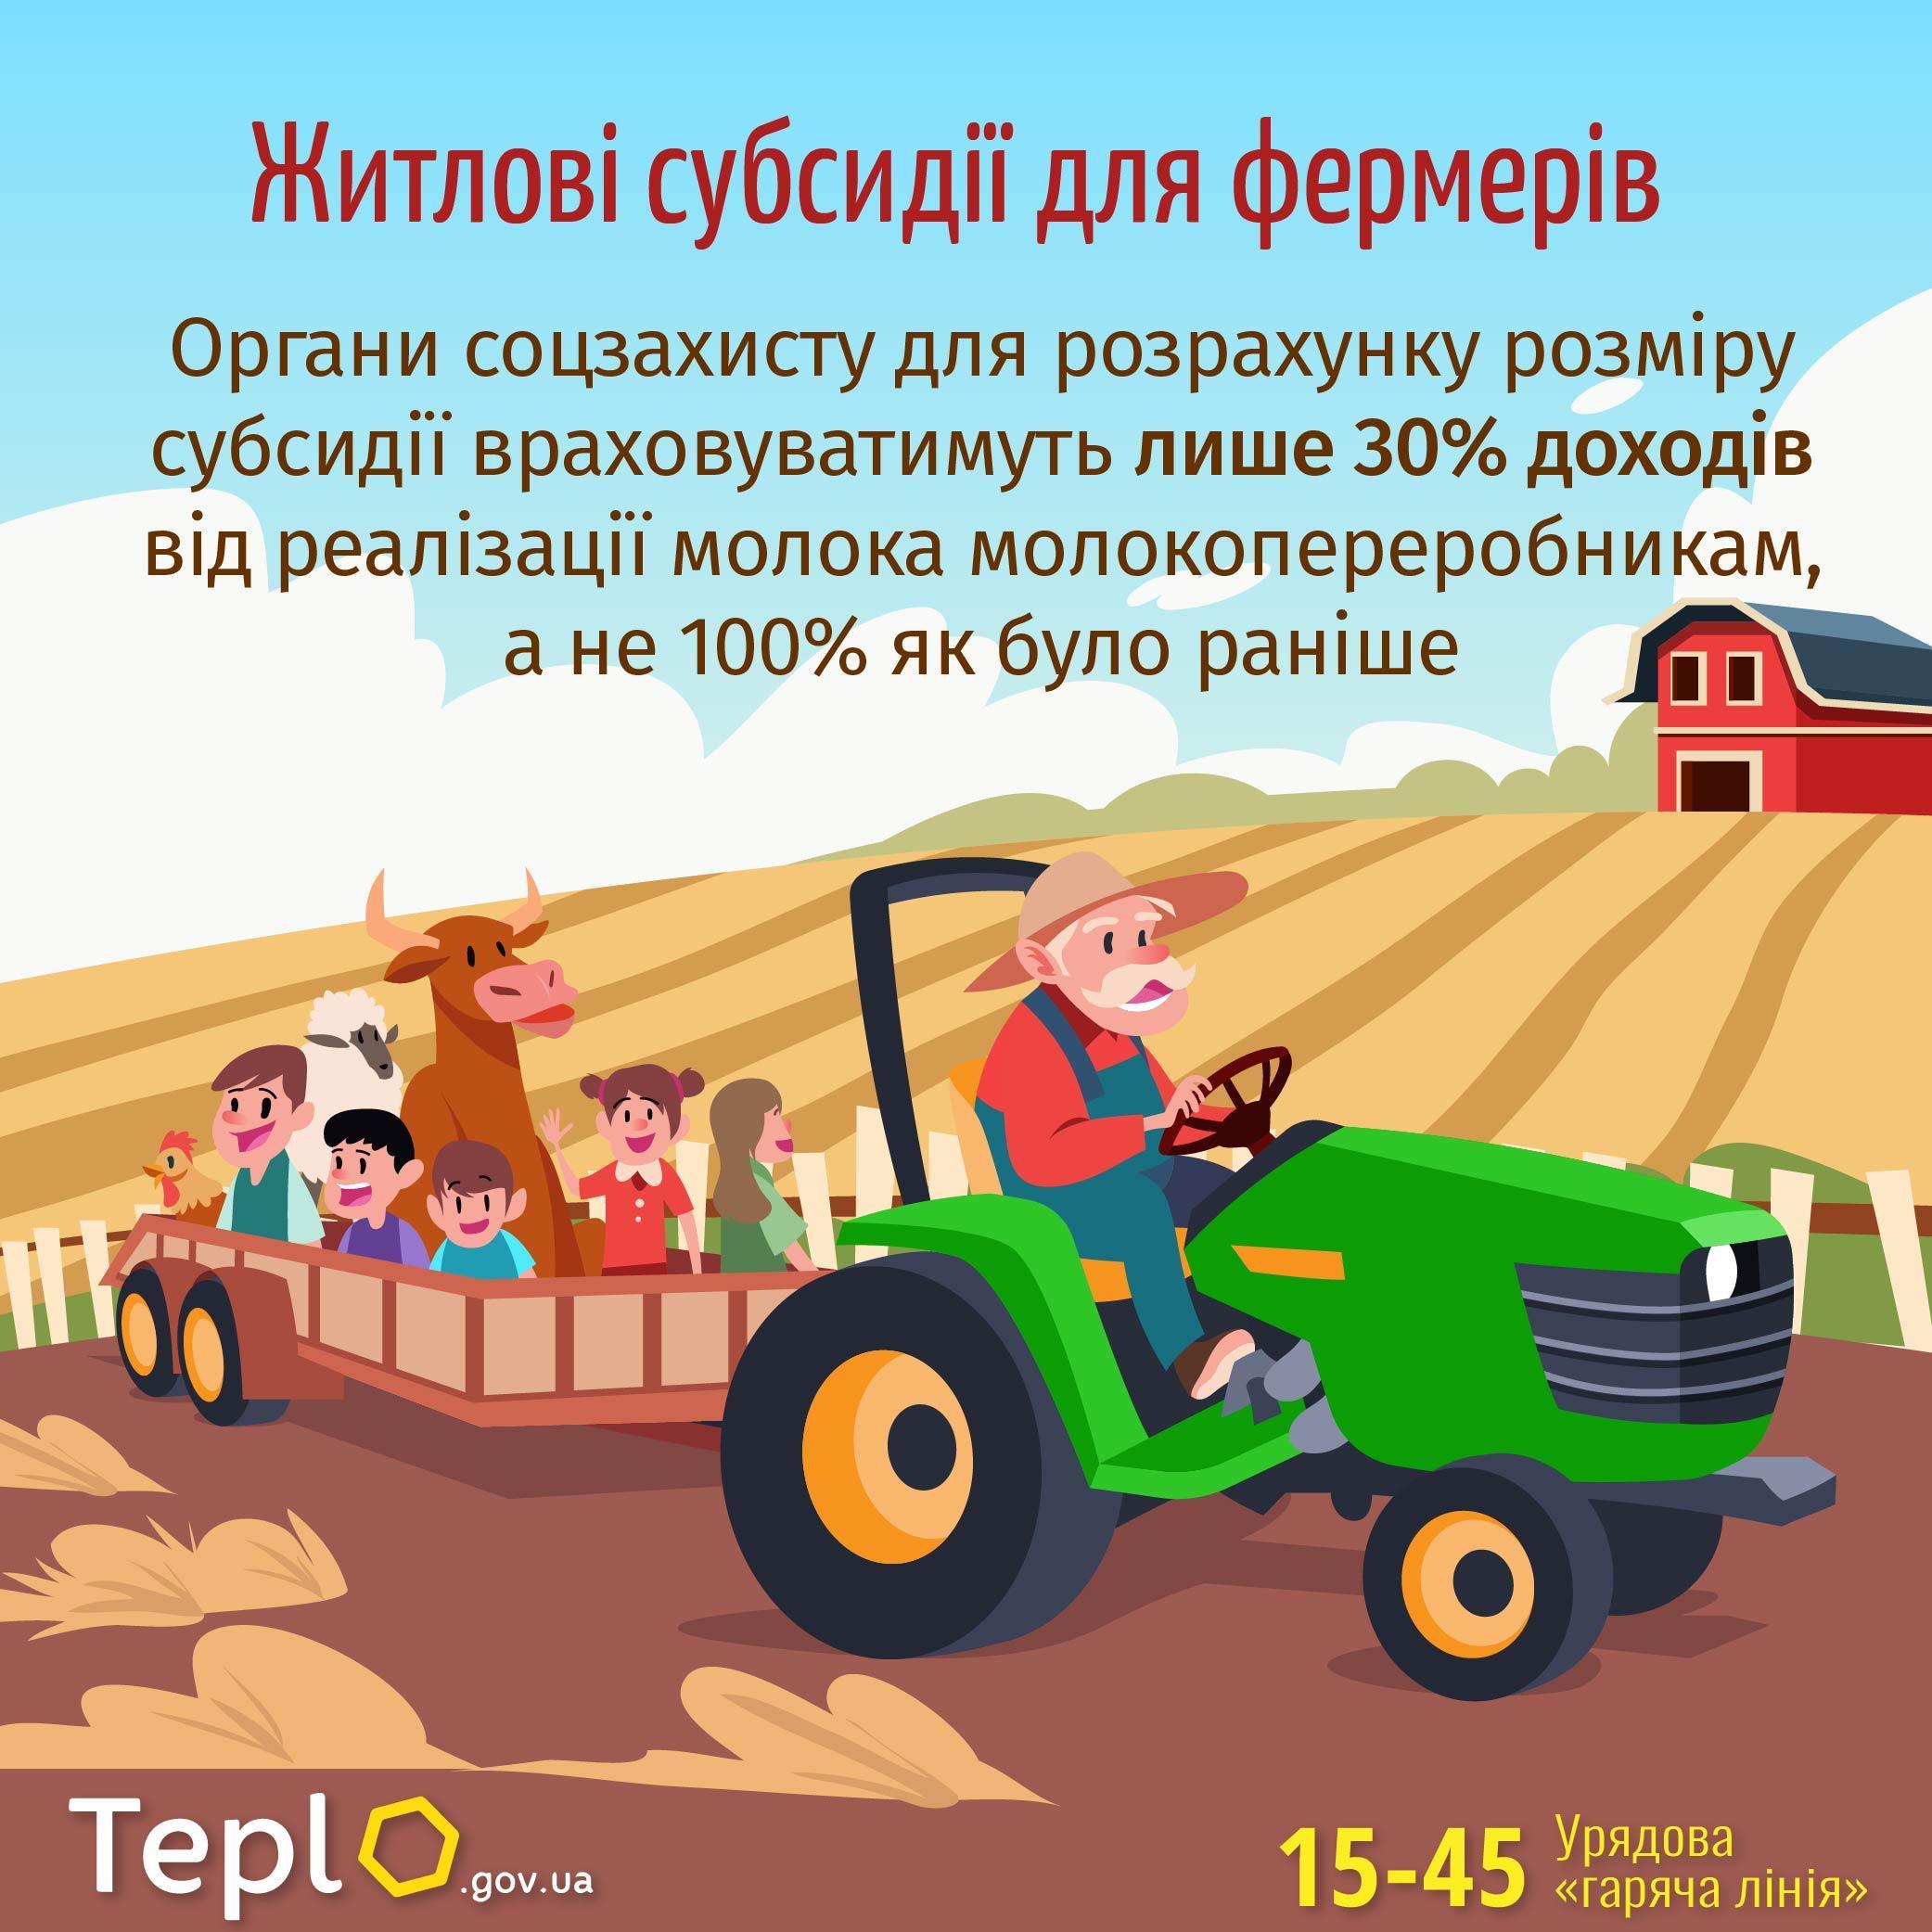 Субсидії для фермерів